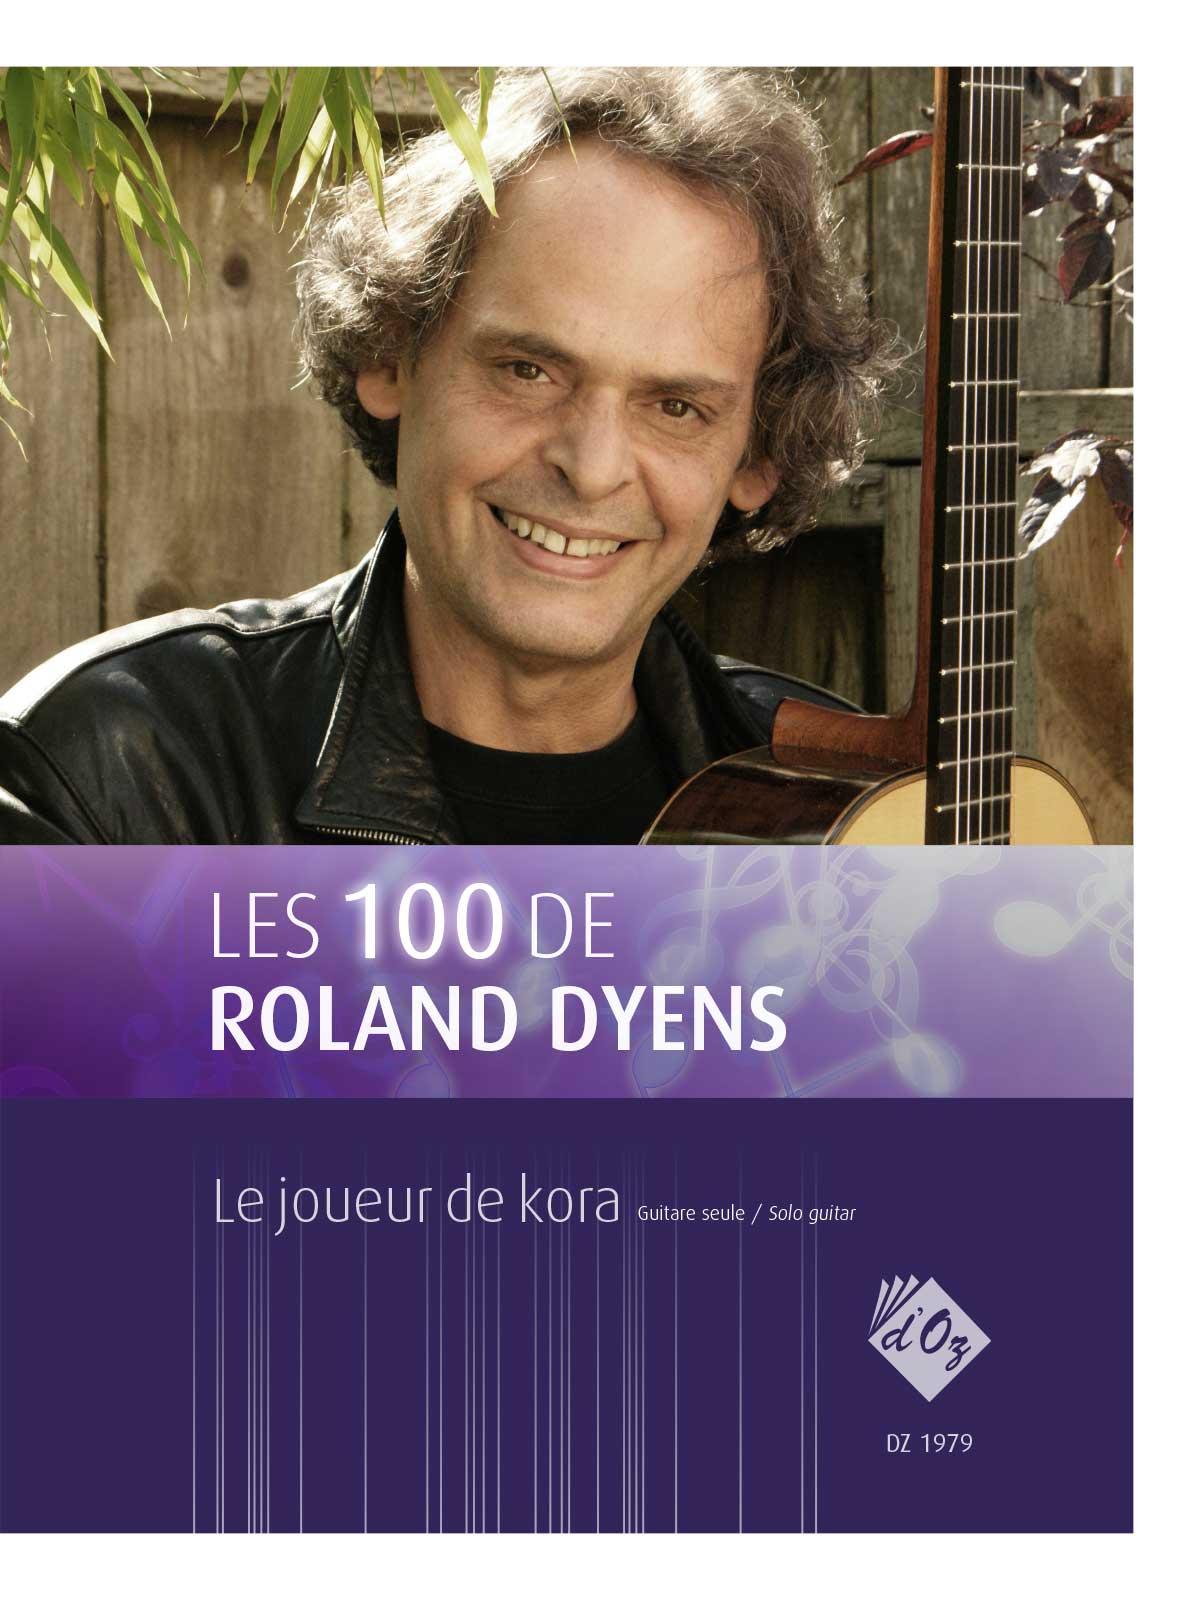 Les 100 de Roland Dyens - Le joueur de kora